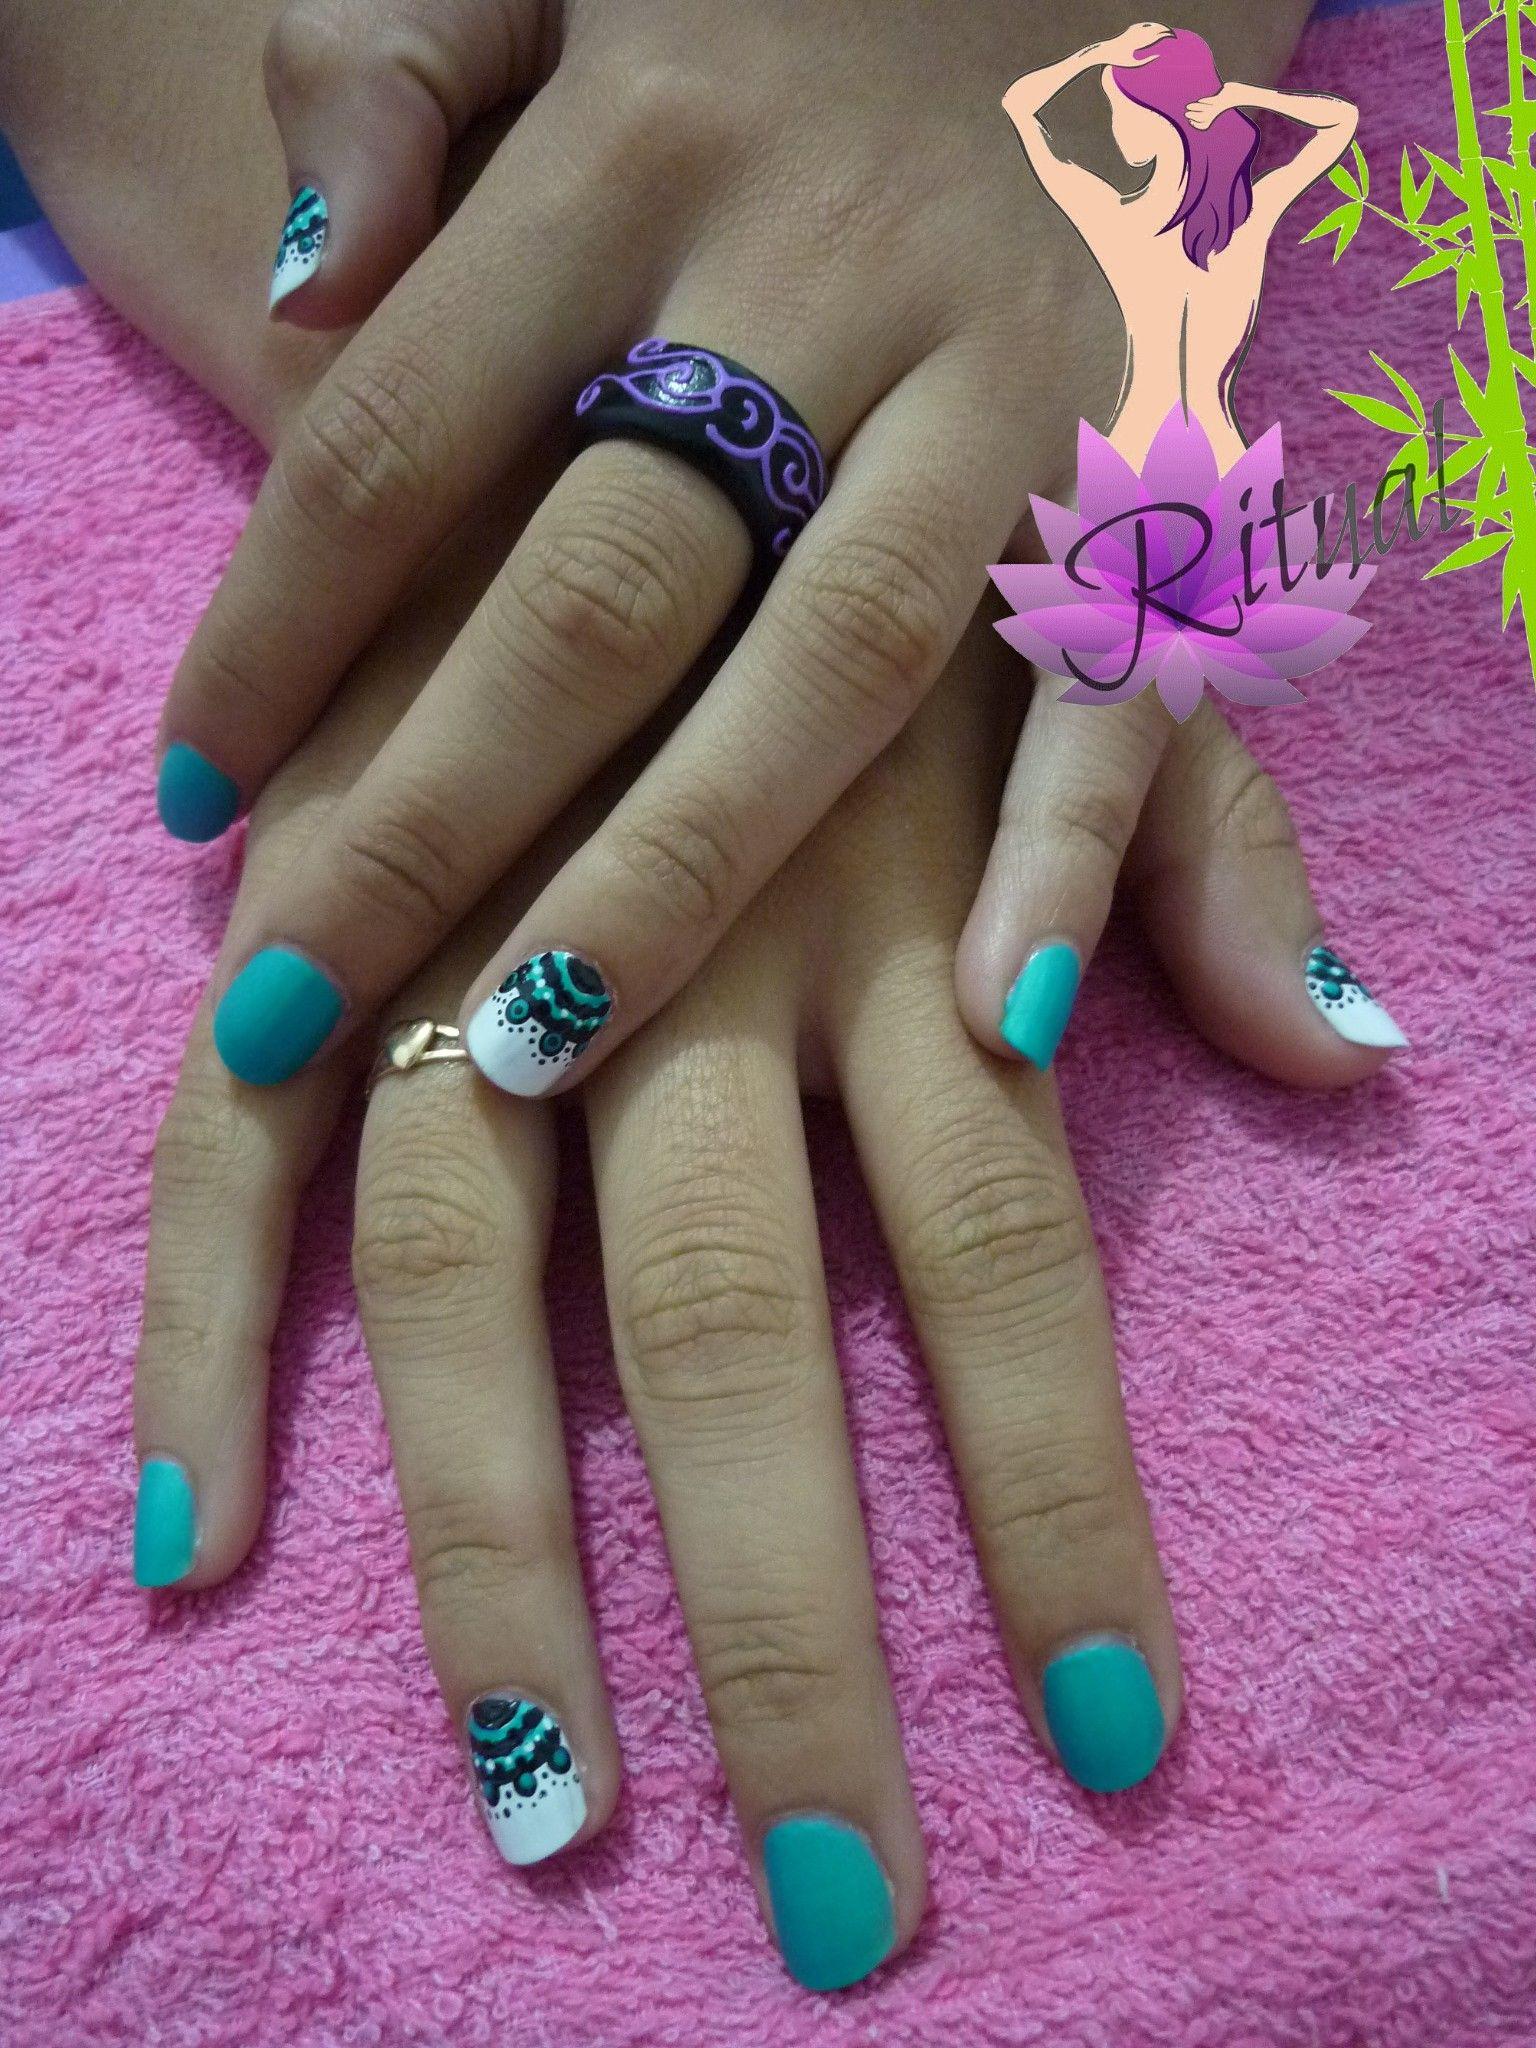 About baby boomer nail art tutorial by nded on pinterest nail art - Manicure Mandala Manicuresnailartmandalas